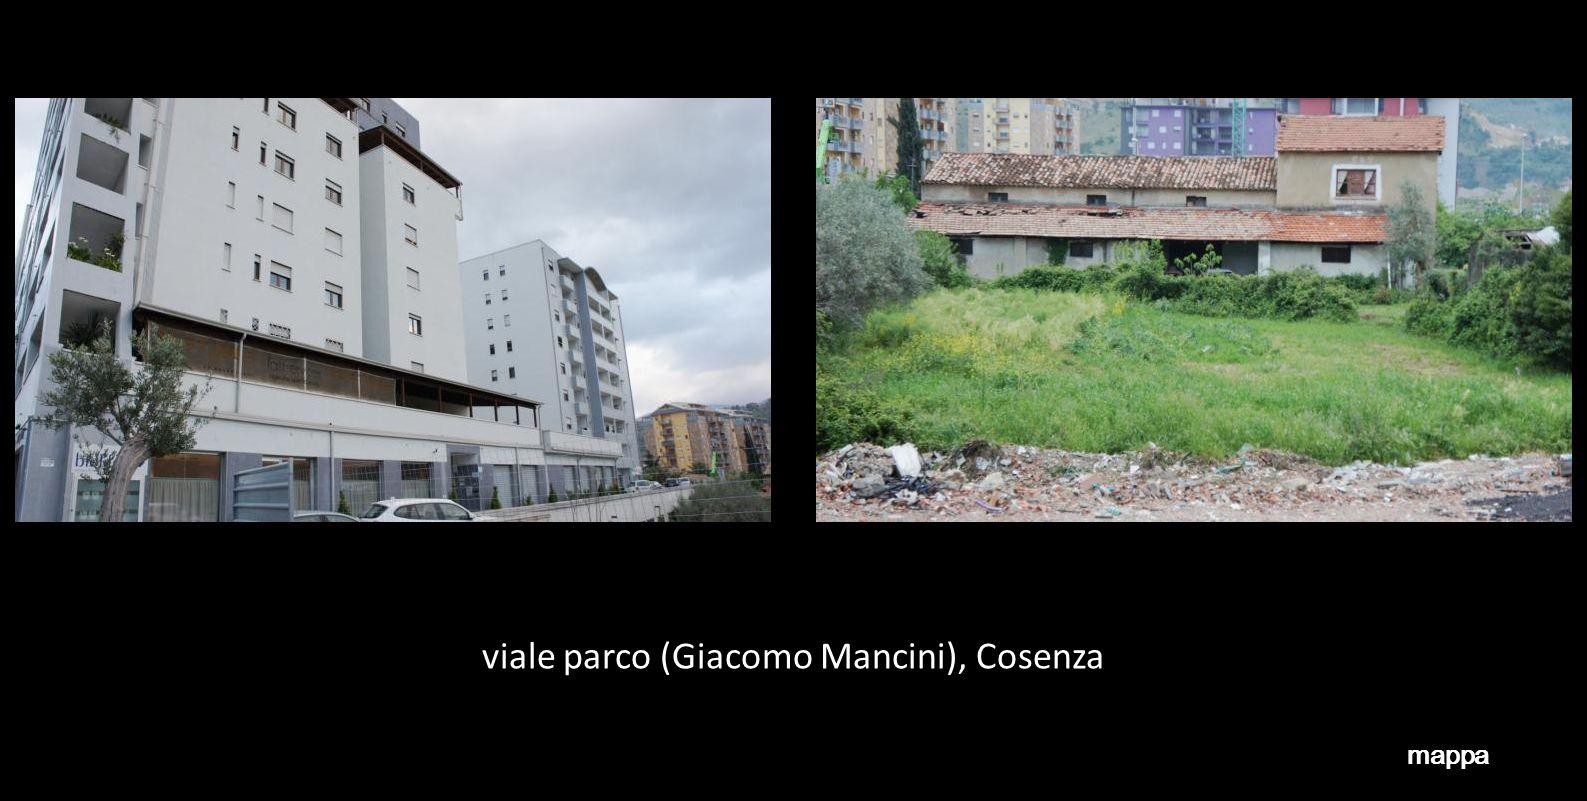 viale parco (Giacomo Mancini), Cosenza